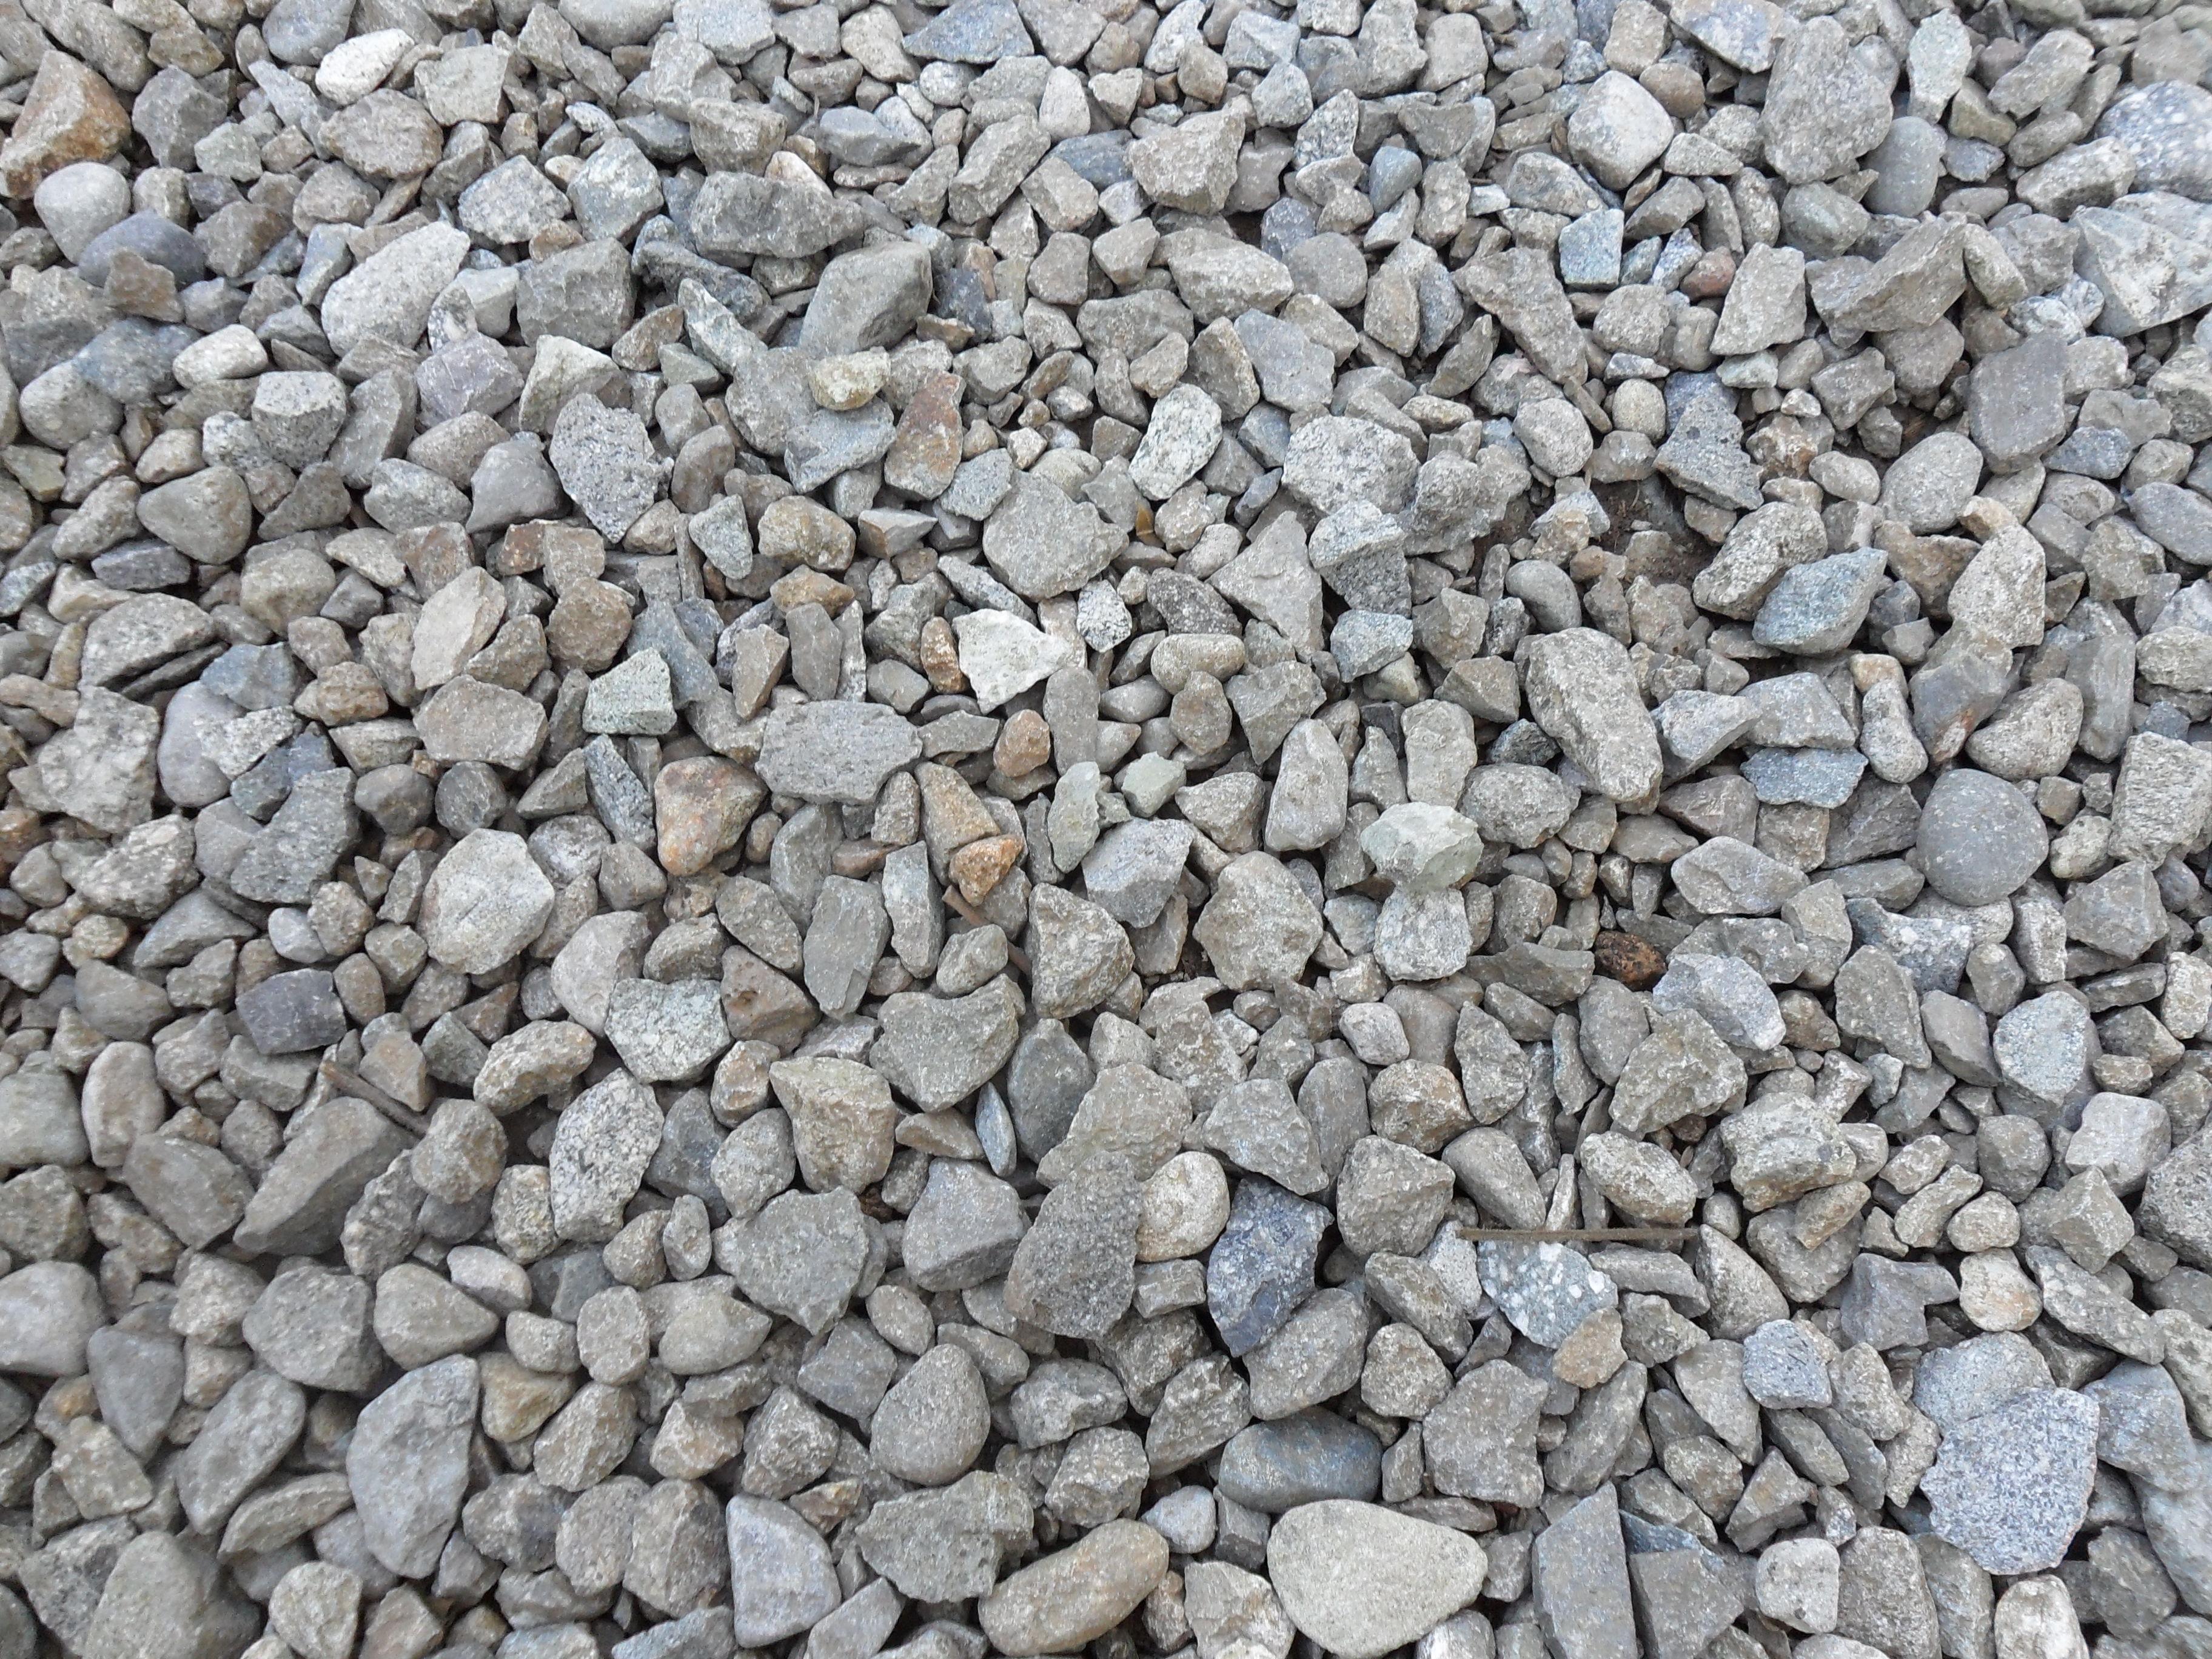 Fotos gratis rock asfalto construcci n guijarro - Suelo de piedra ...